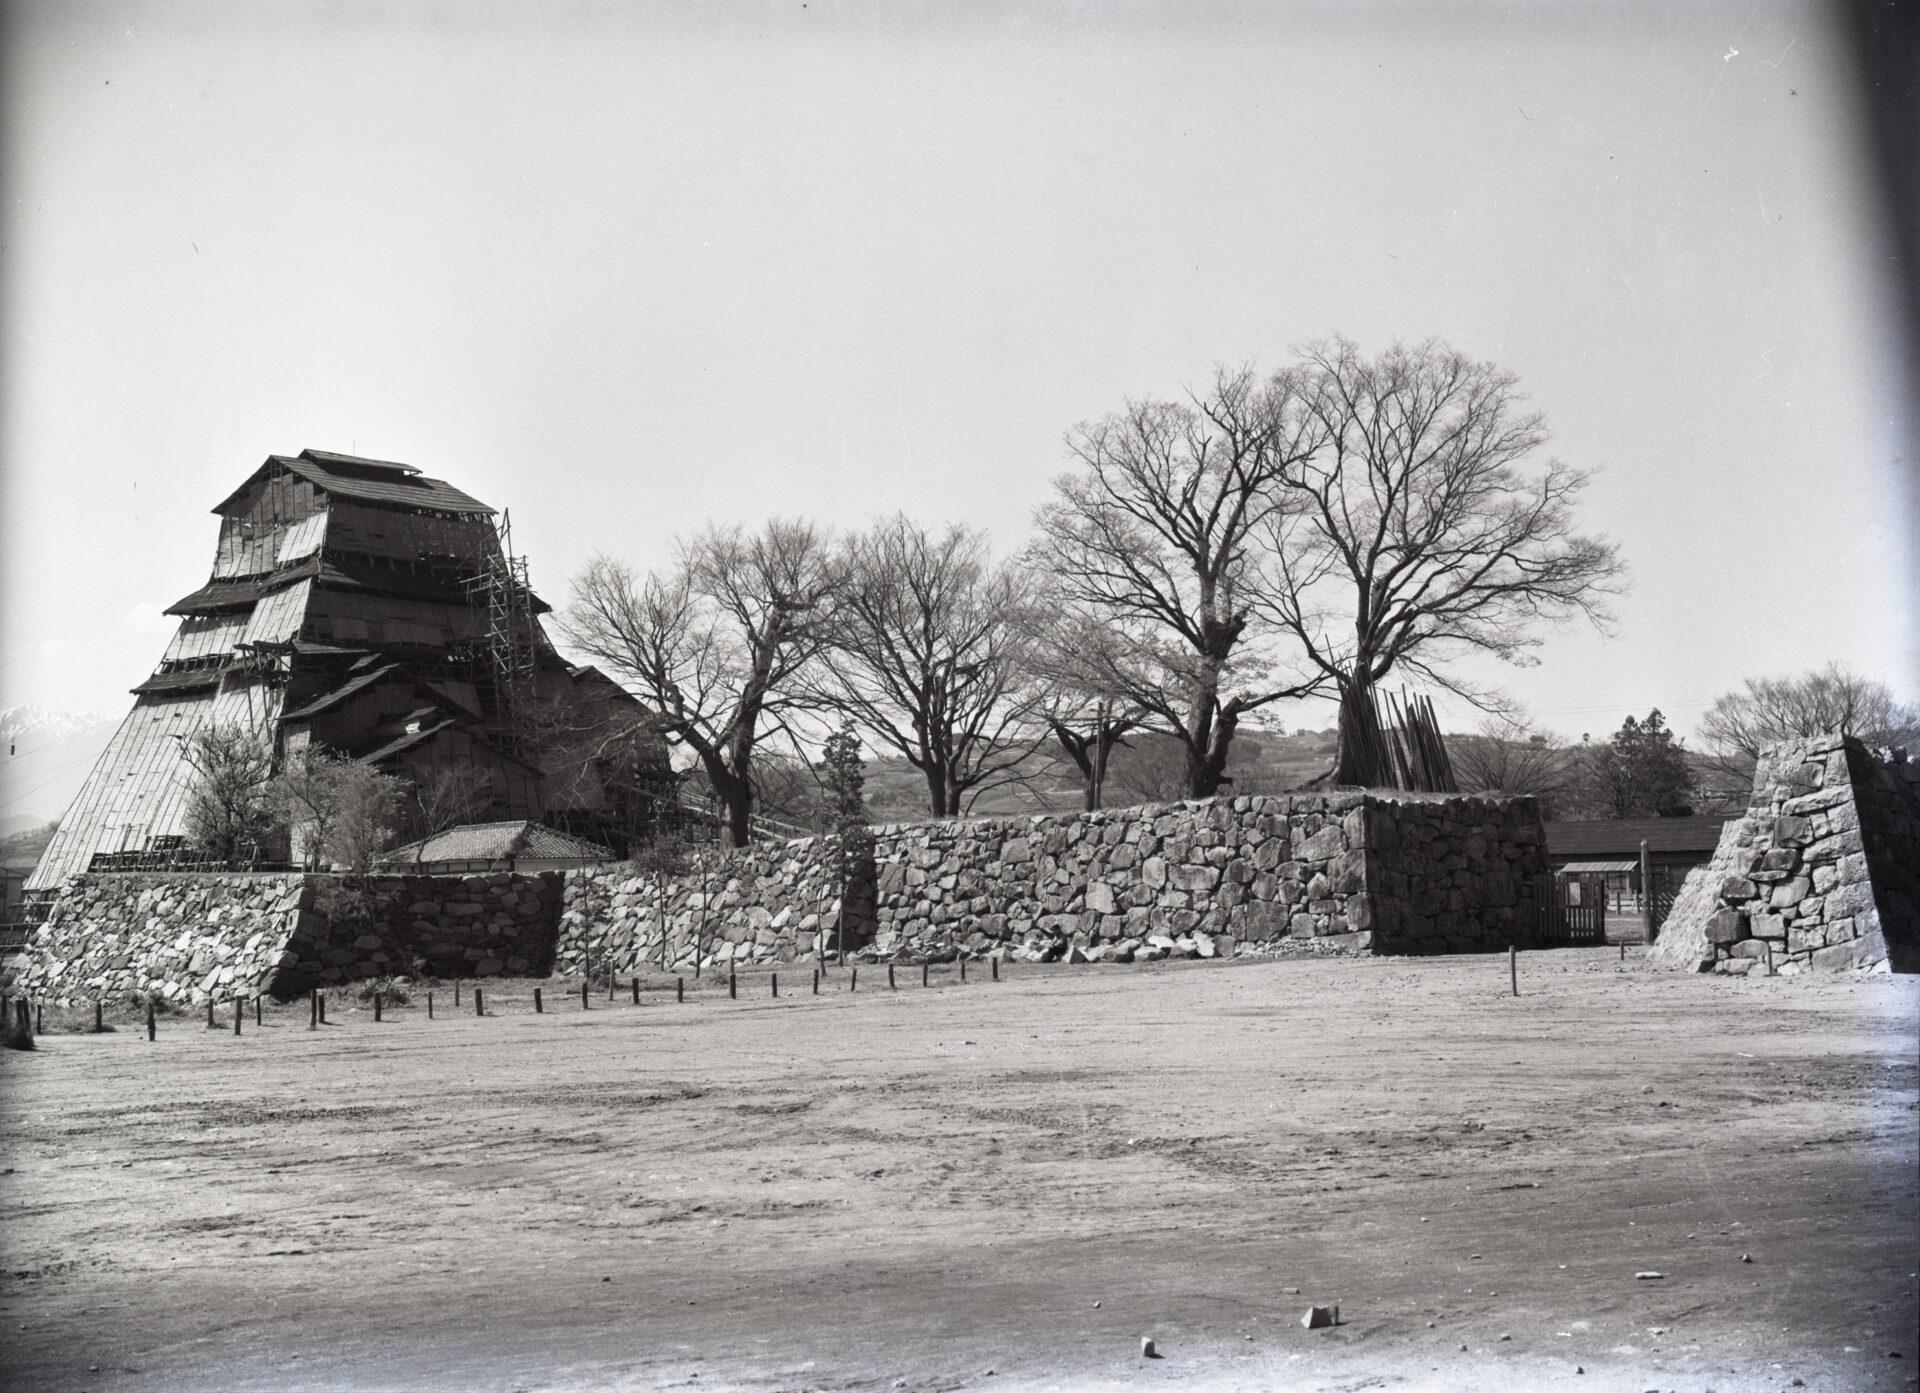 昭和29年3月31日 松本市立博物館付近から写す